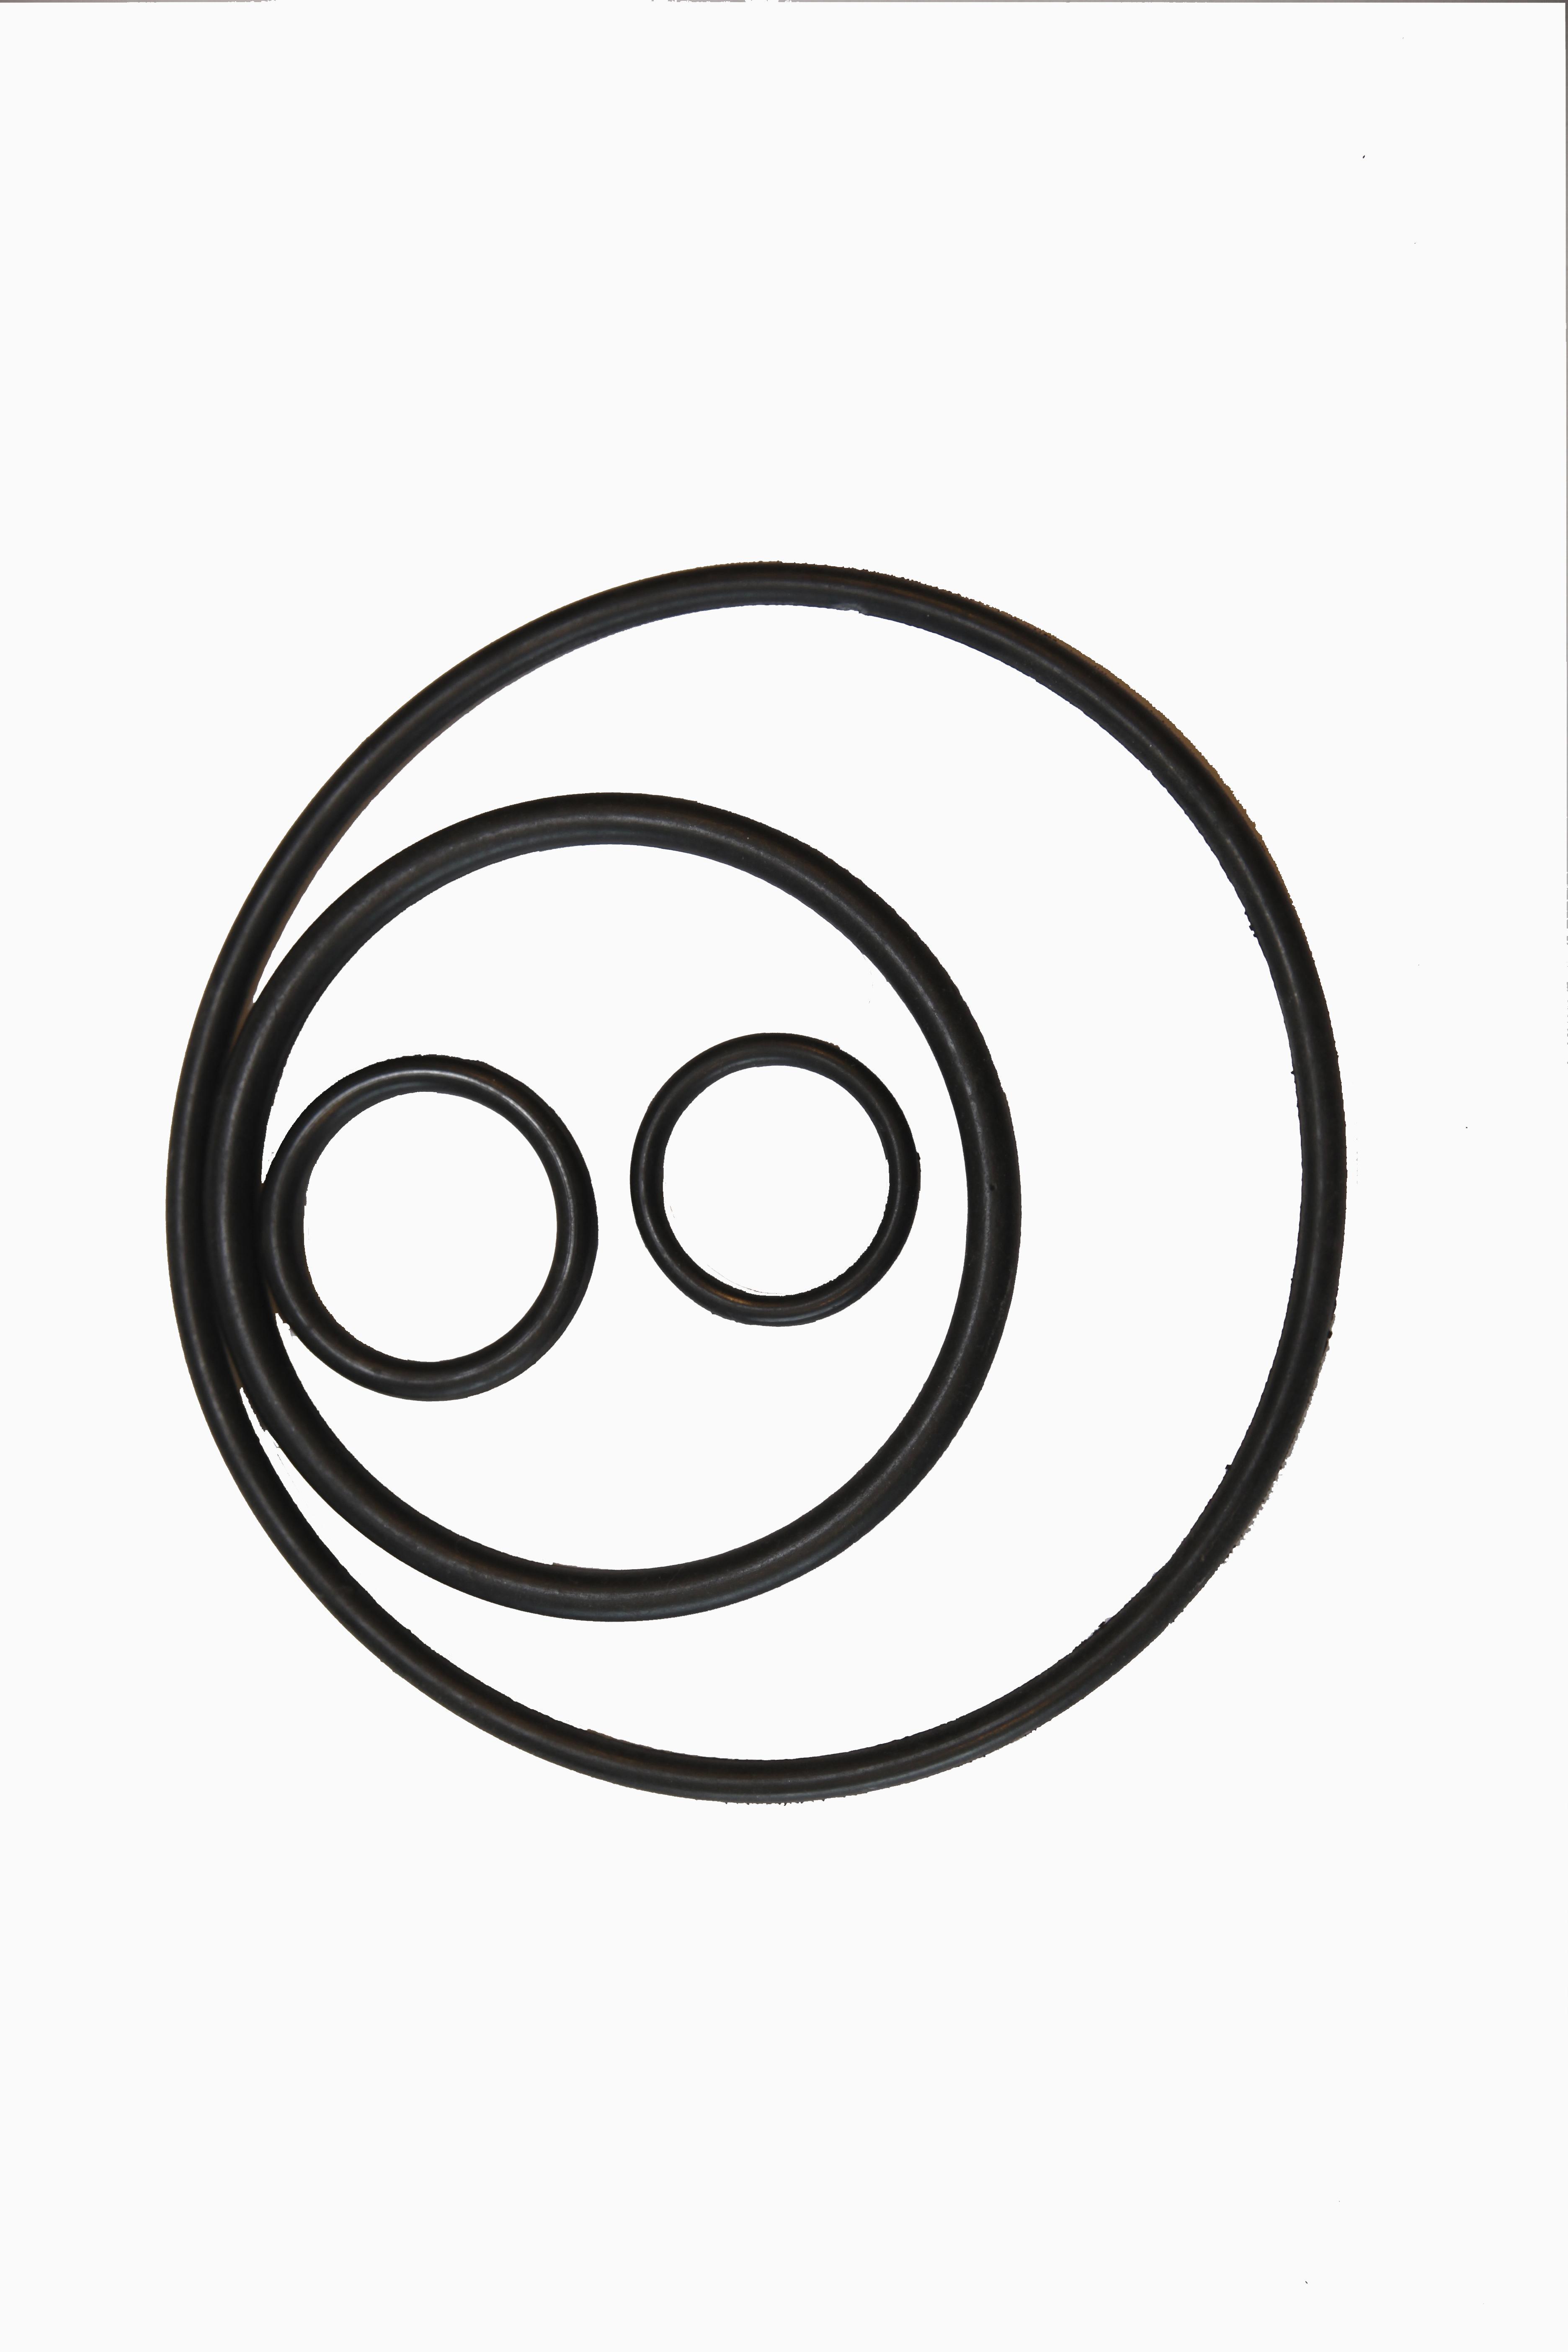 Кольцо У 165-170-33